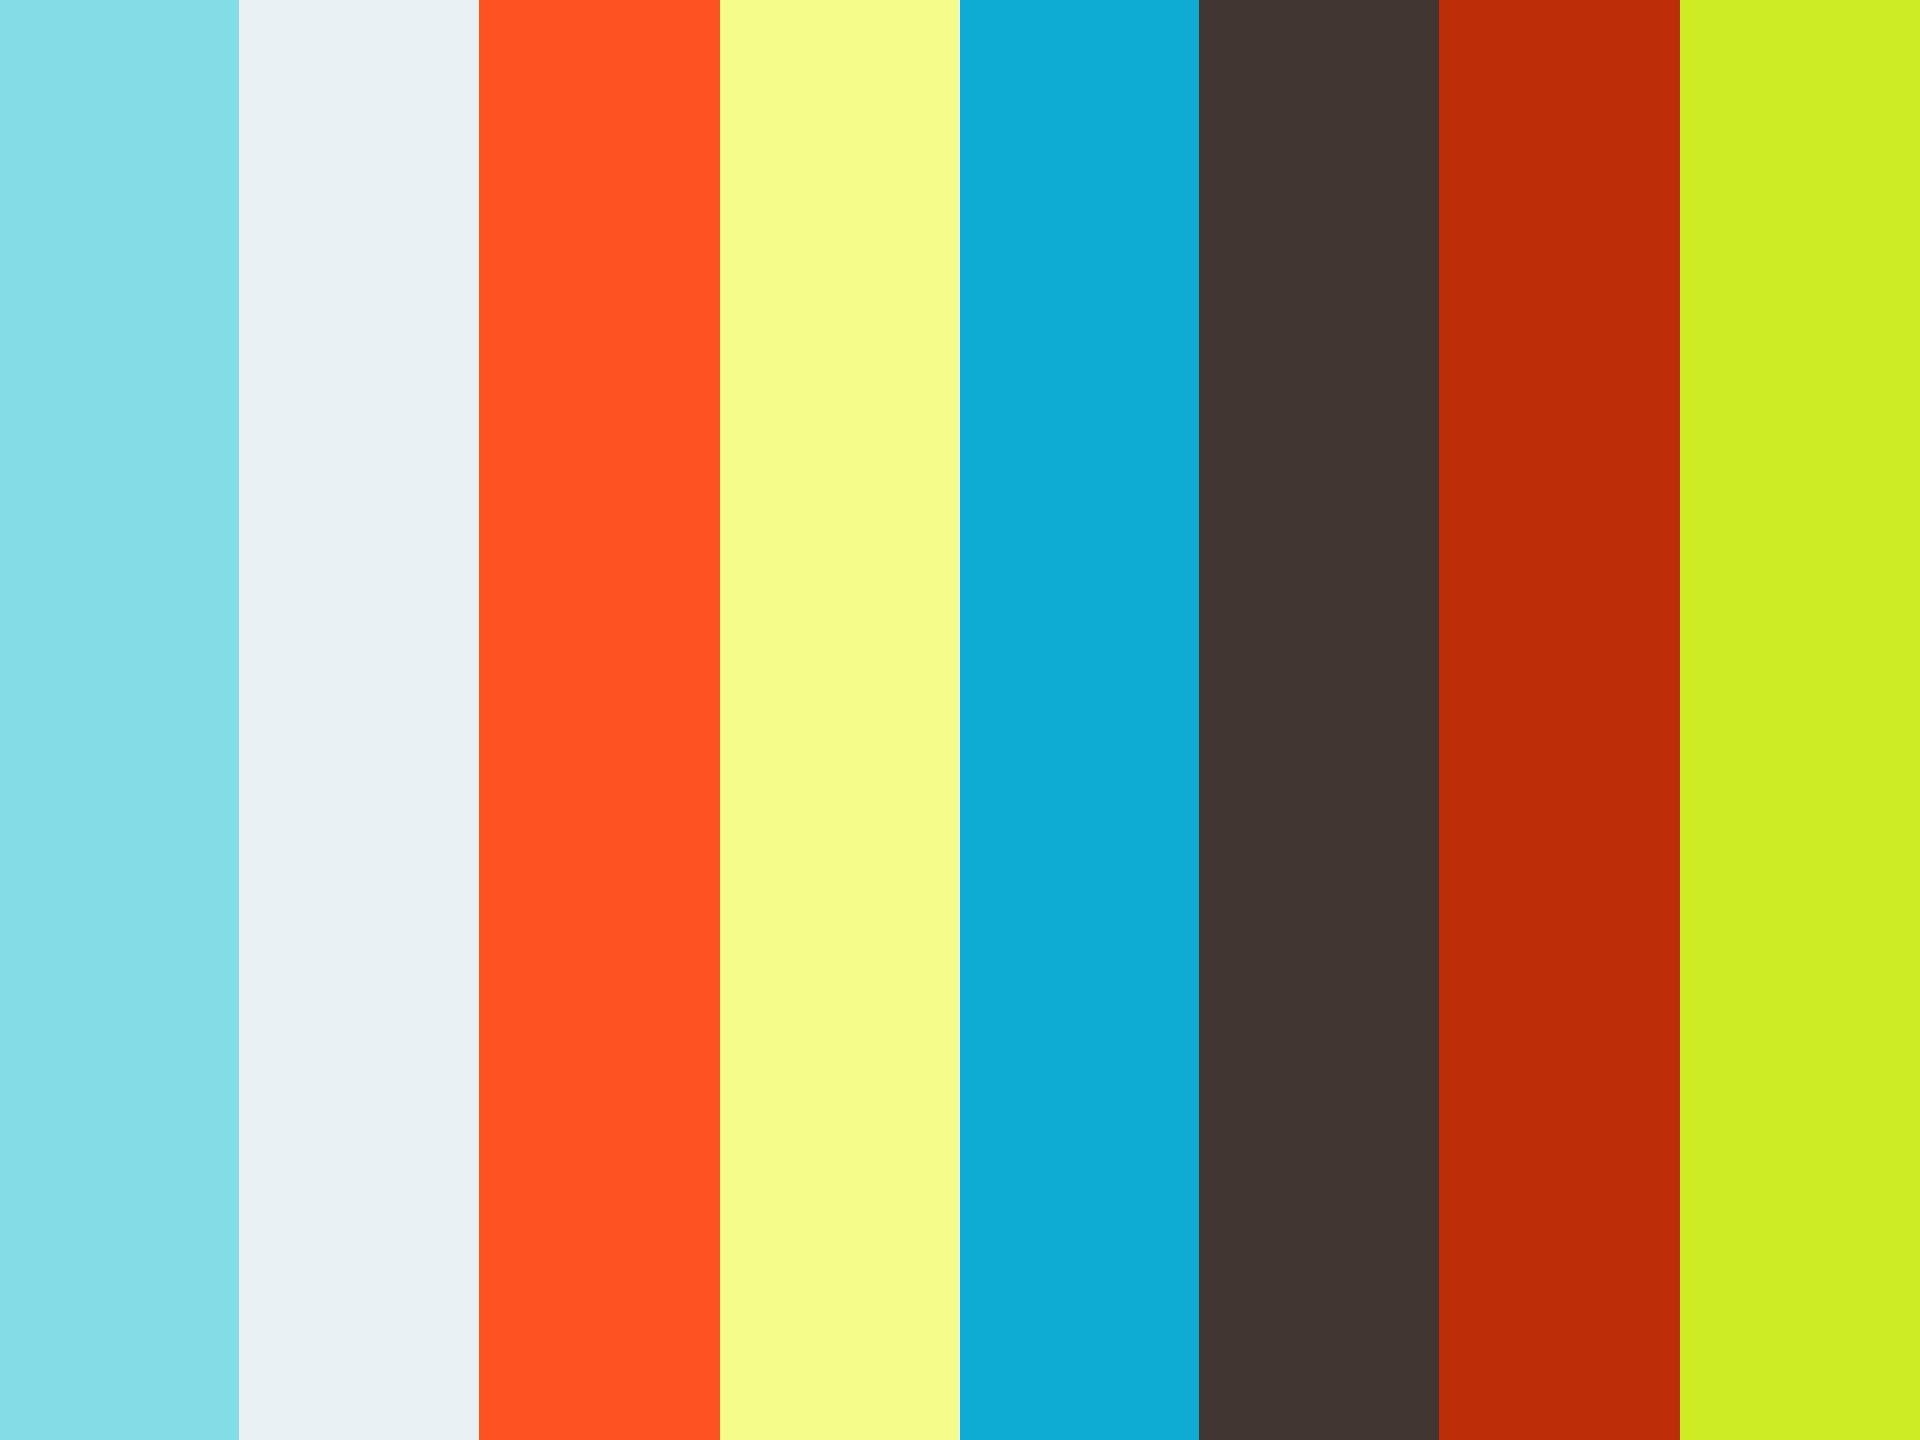 Лазерная и фотоэпиляция эпиляция в новосибирске 002.htm Инъекционное интимное омоложение Улица Дежнева Чебоксары